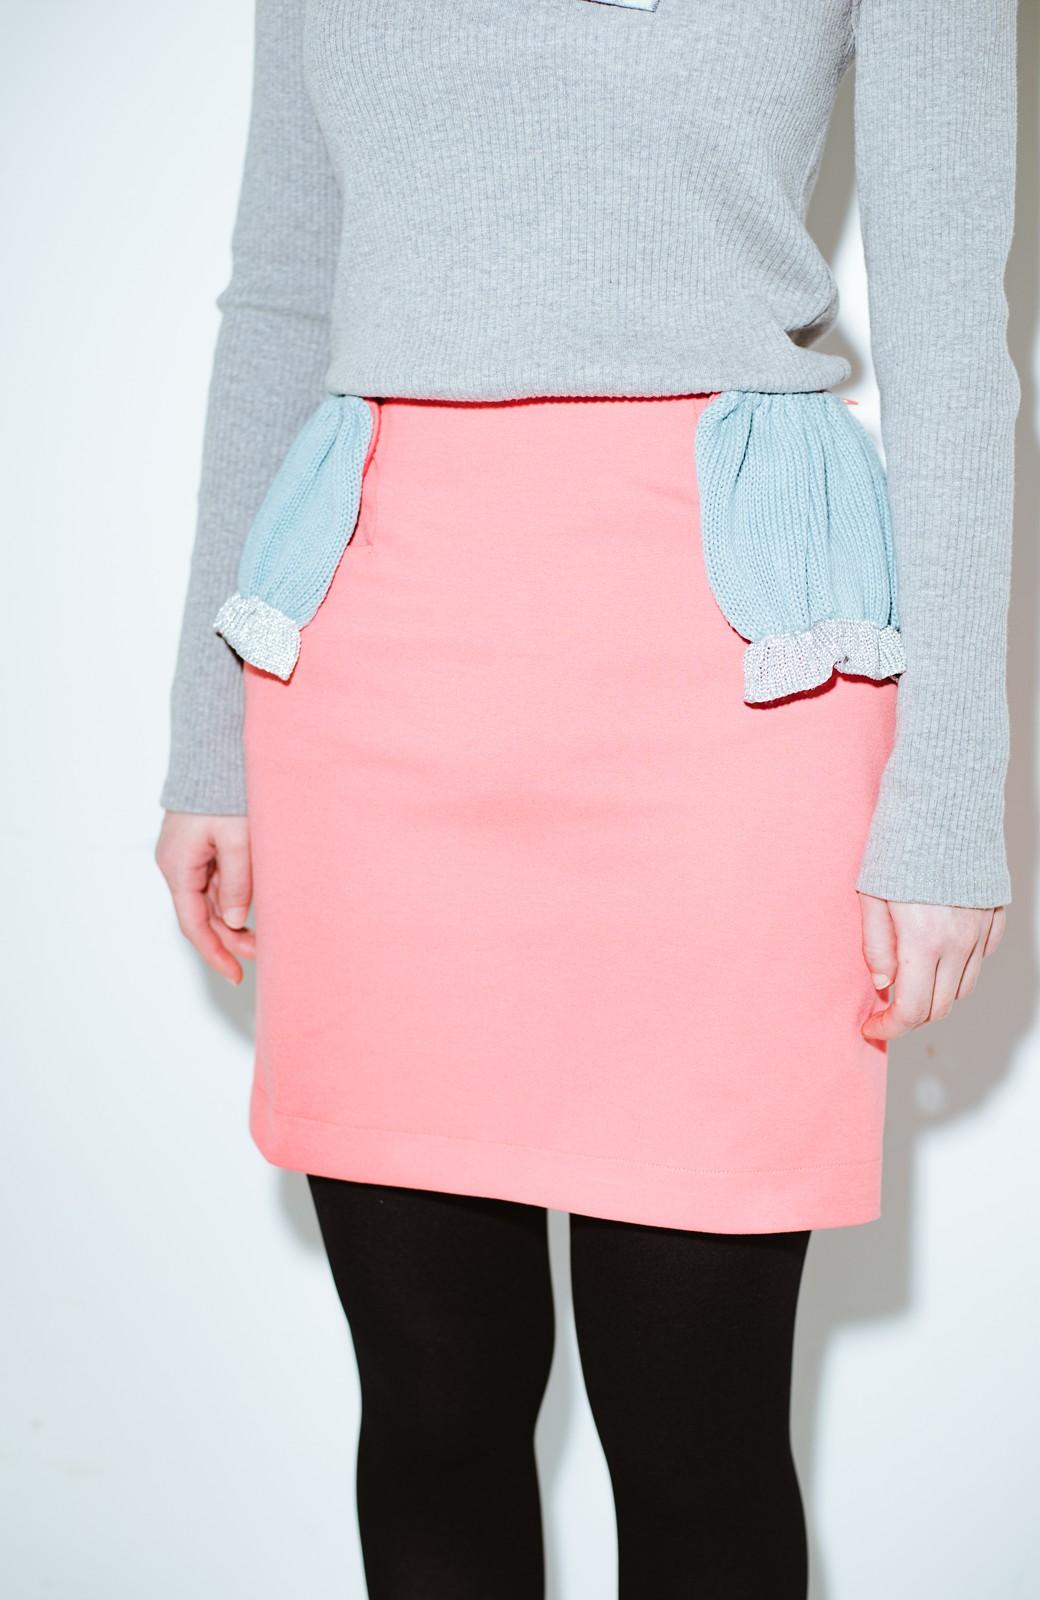 haco! co&tion accoニットフリルのスカート【アーティスト作品1点もの】 <サーモンピンク>の商品写真4